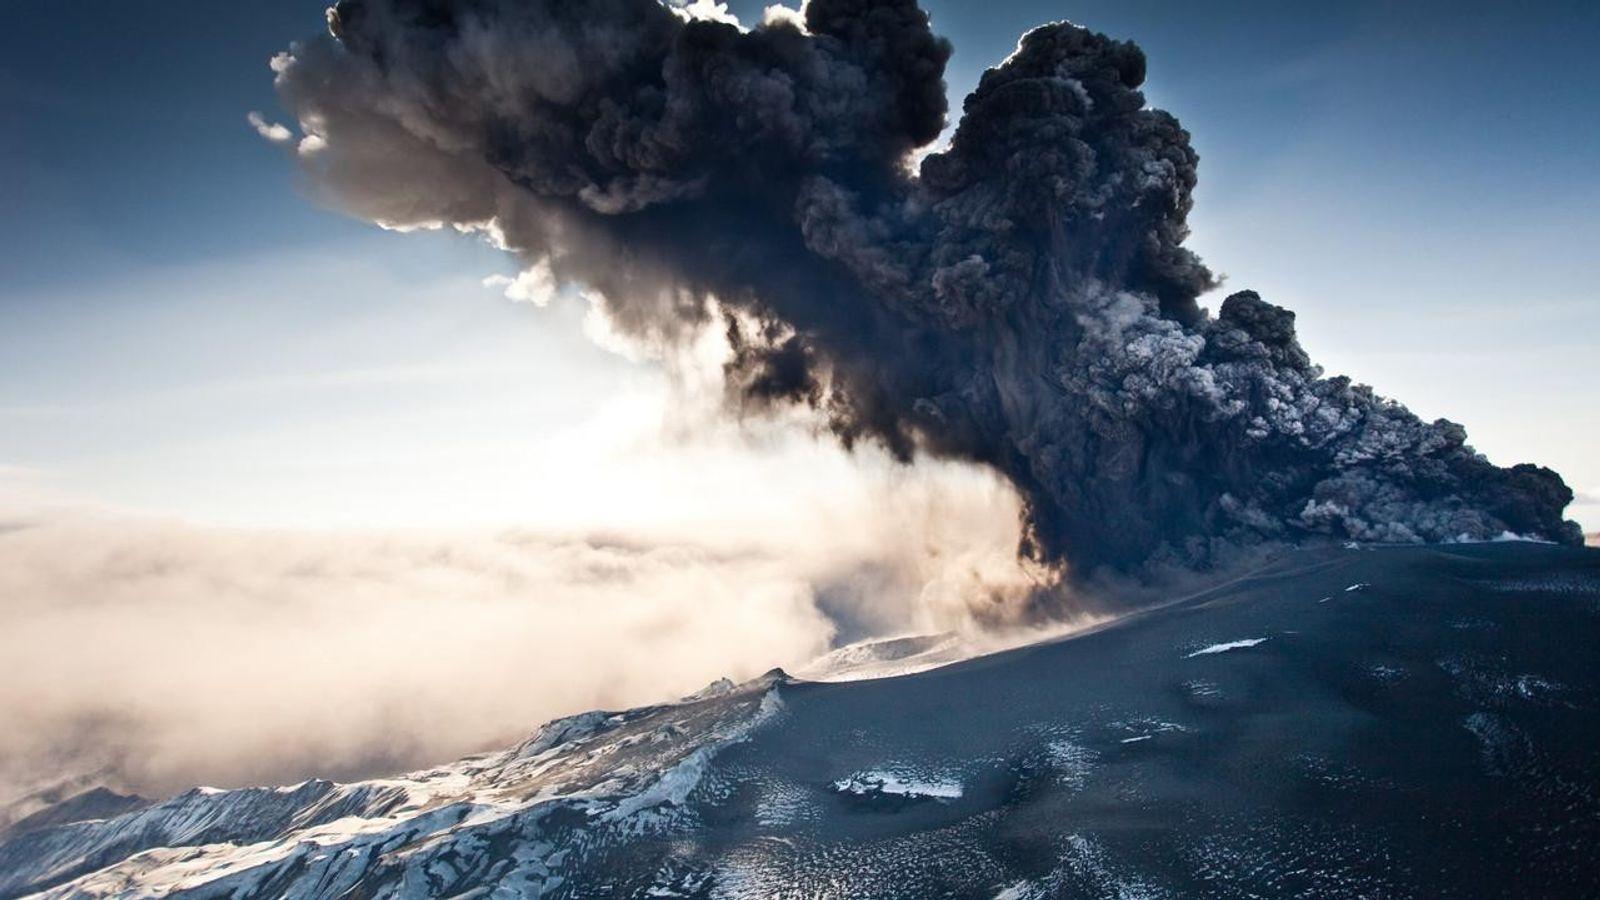 L'éruption dévastatrice du volcan islandais Eyjafjallajokull à la mi-avril 2010 a provoqué une perturbation massive du ...